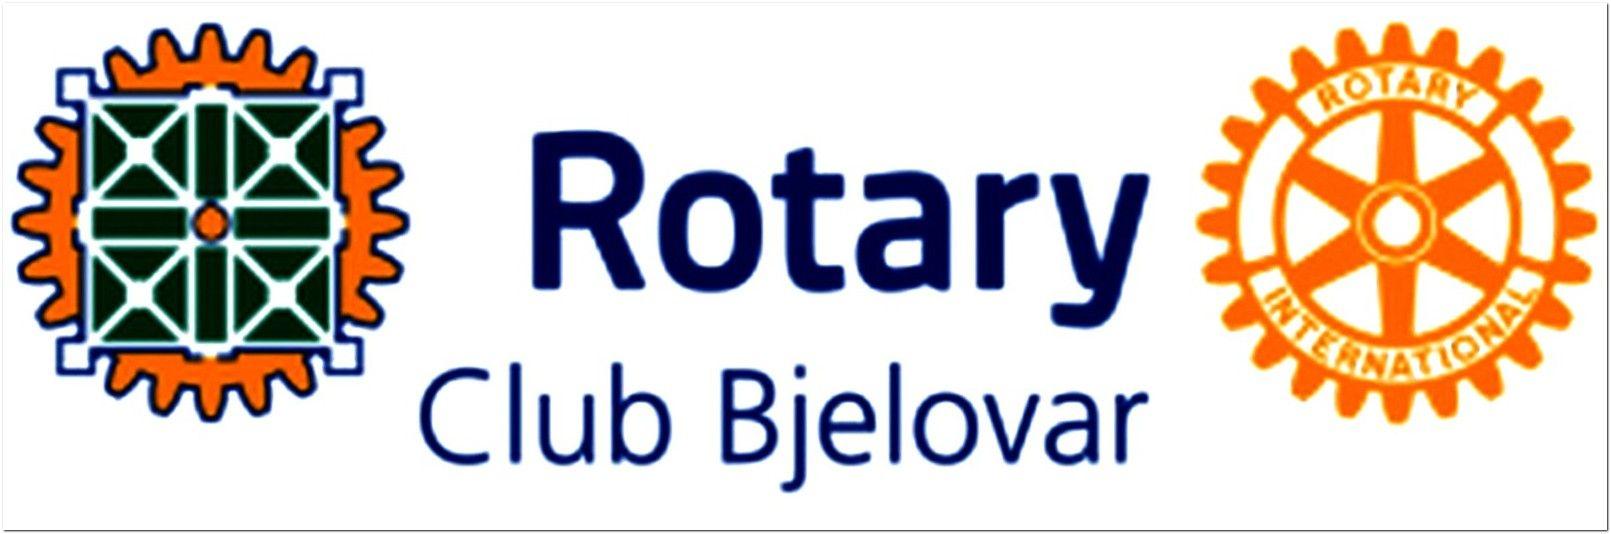 2016 12 rotaryklubbj 11